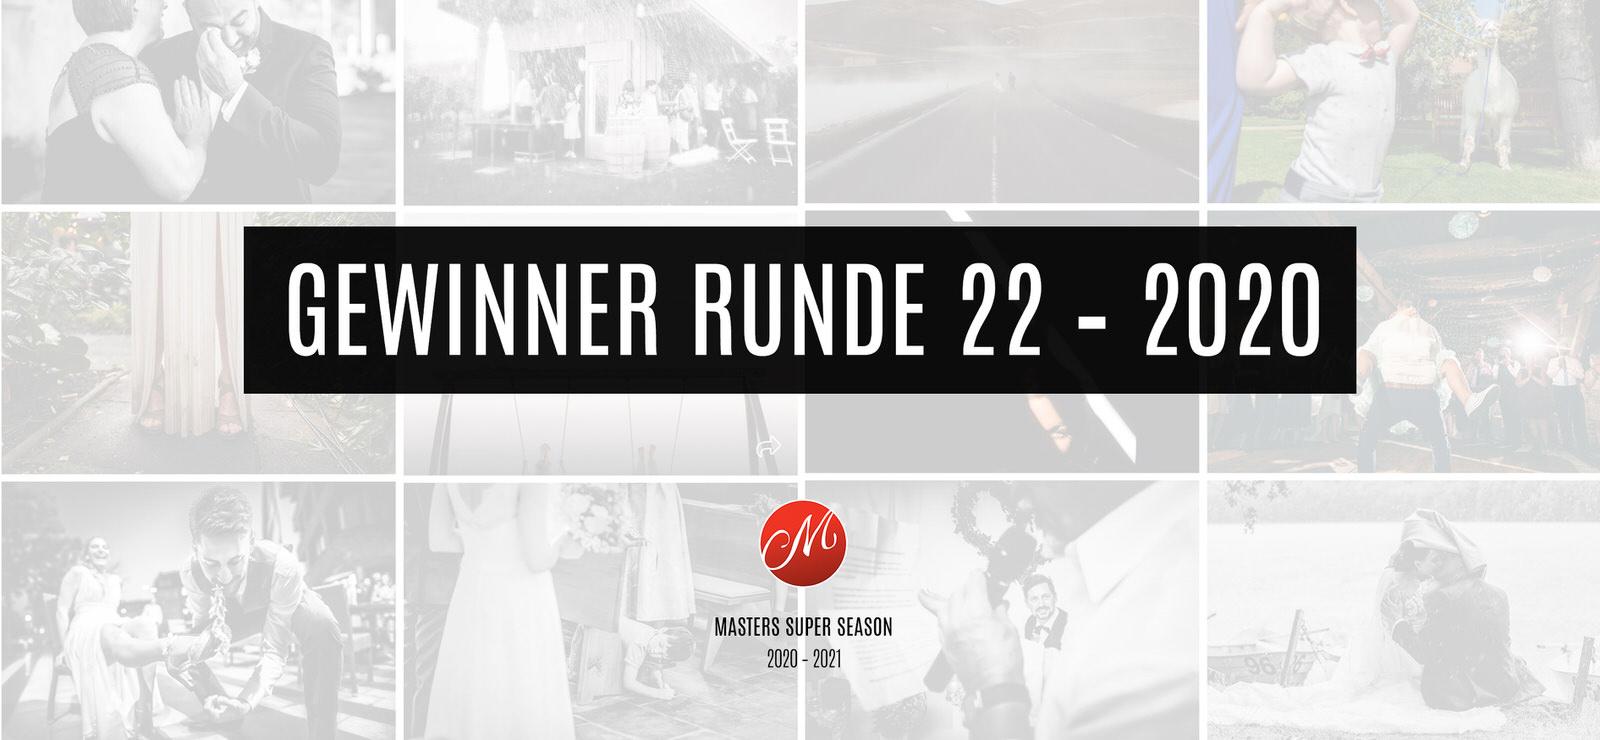 Gewinner Runde 22 – 2020